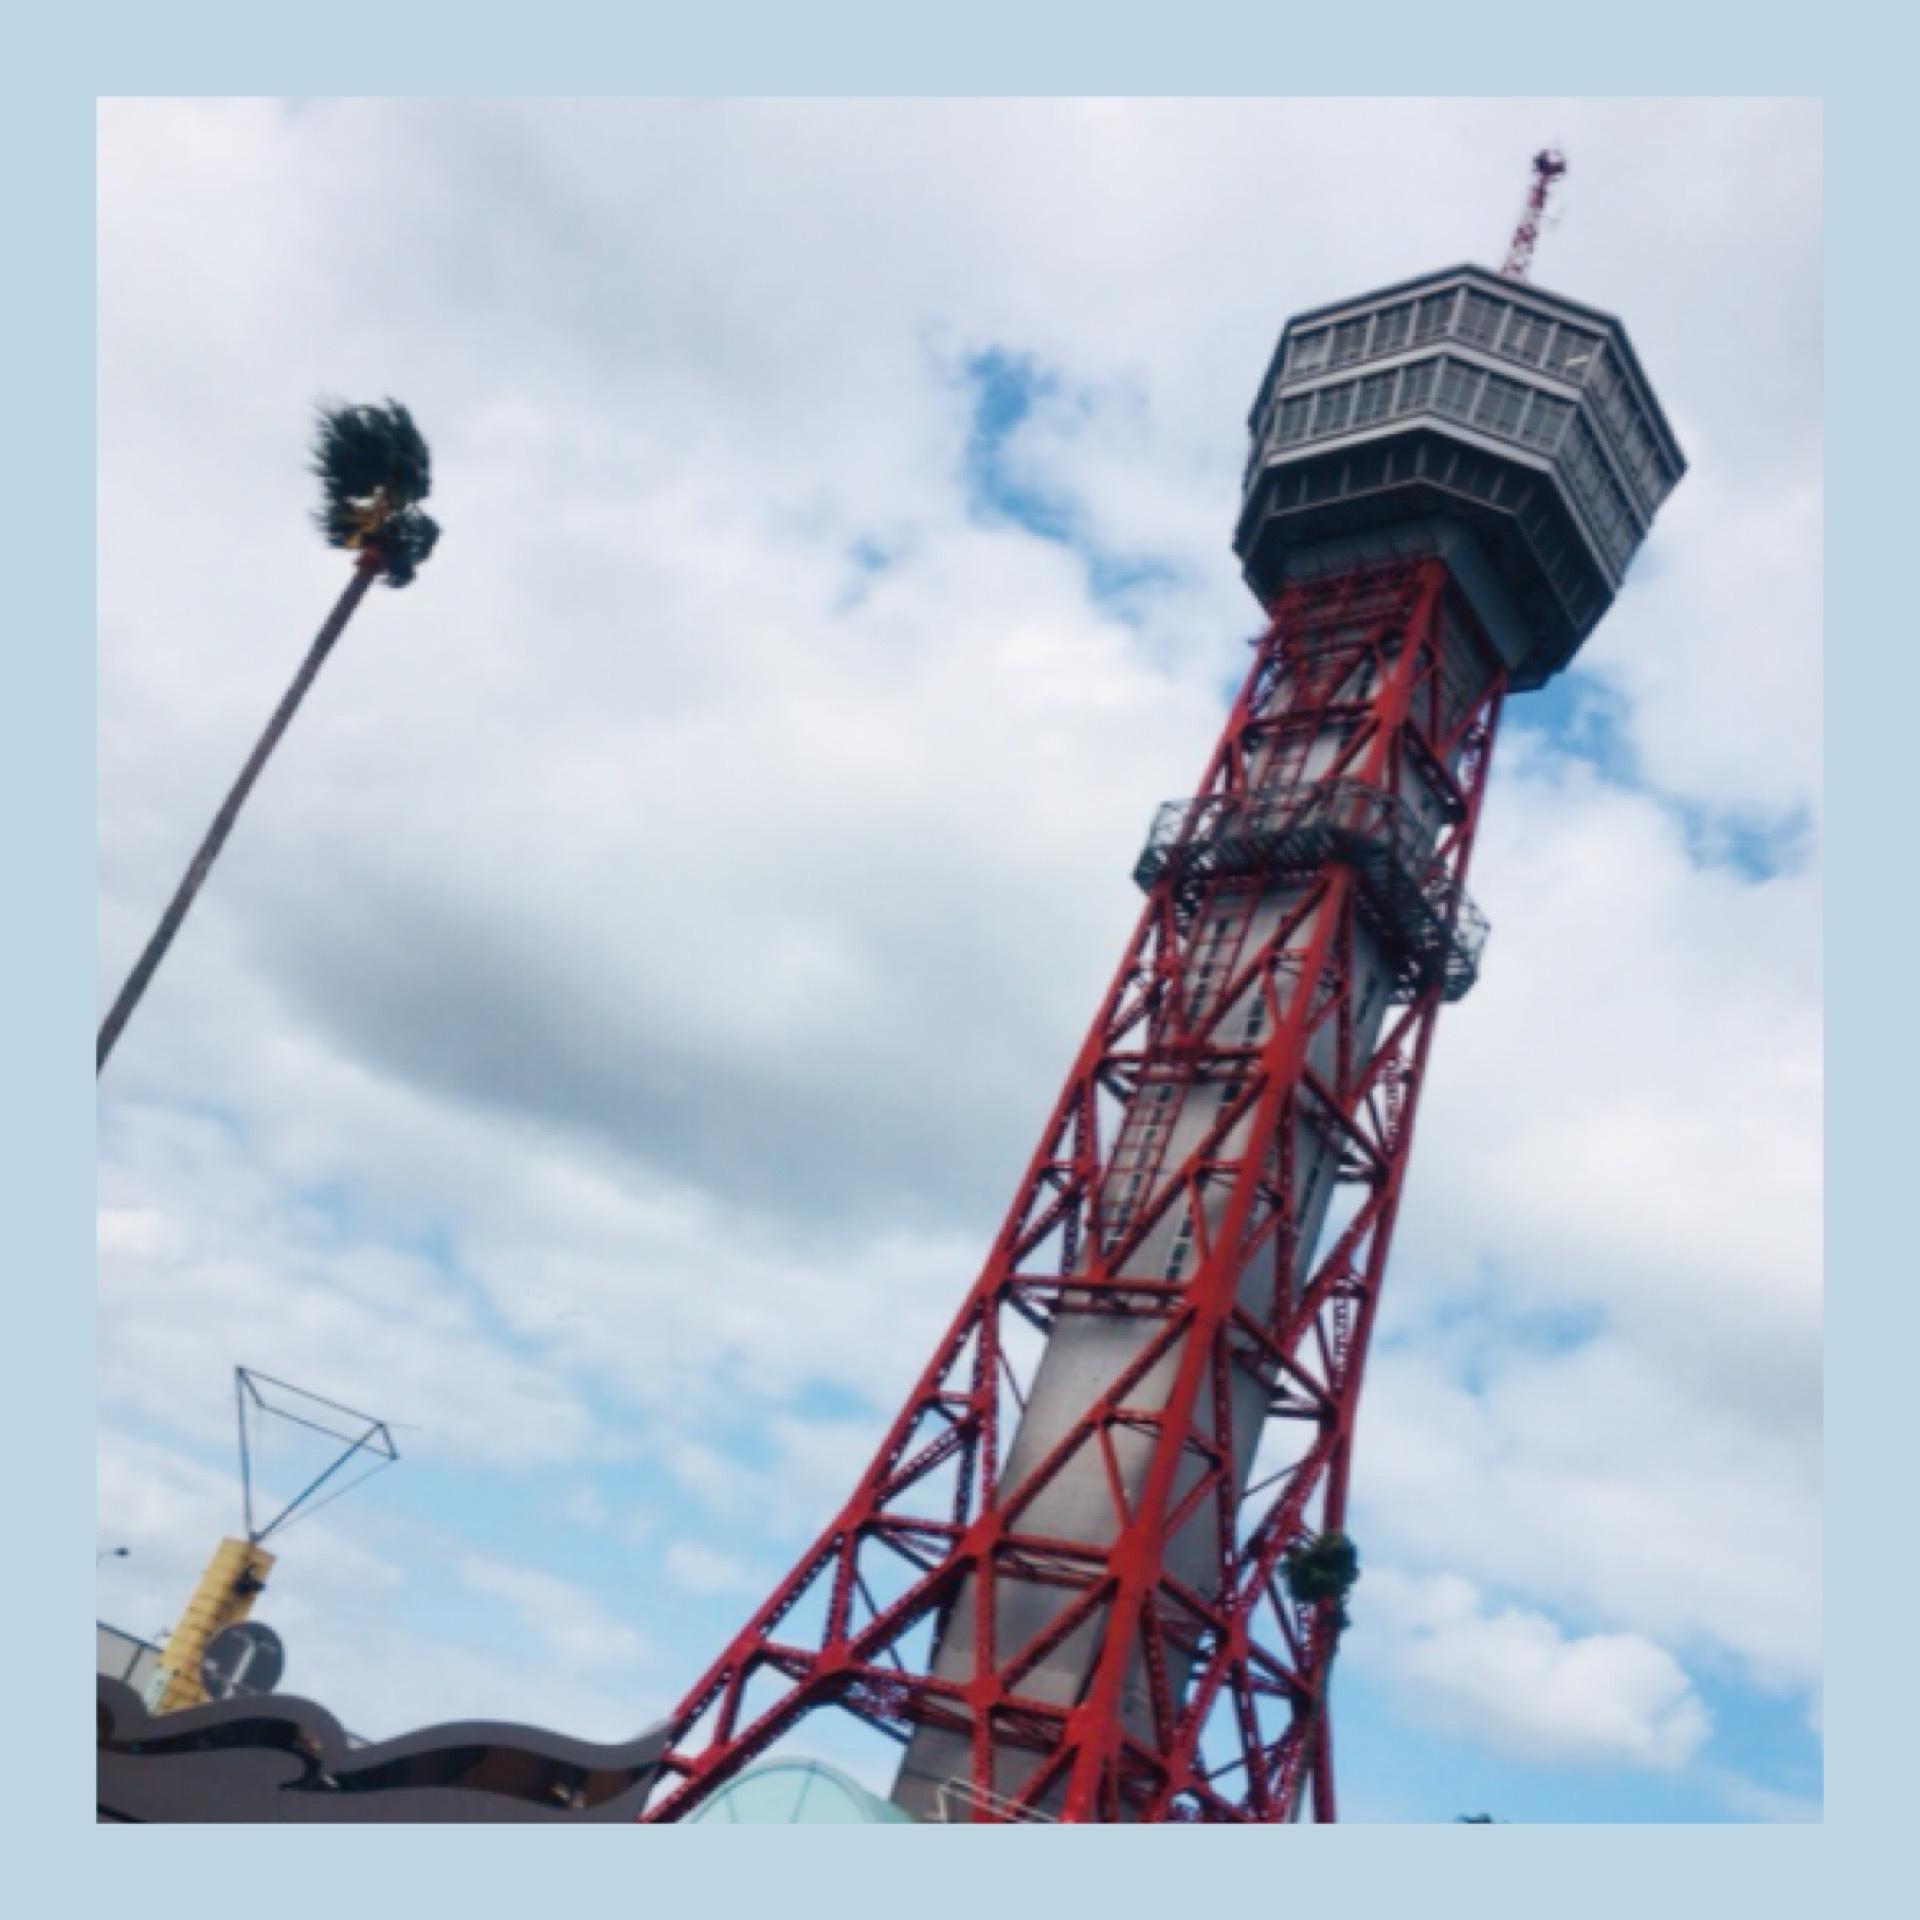 旅行 IN 福岡  ◟̊◞̊✩* 【福岡のオススメスポット! 】_1_1